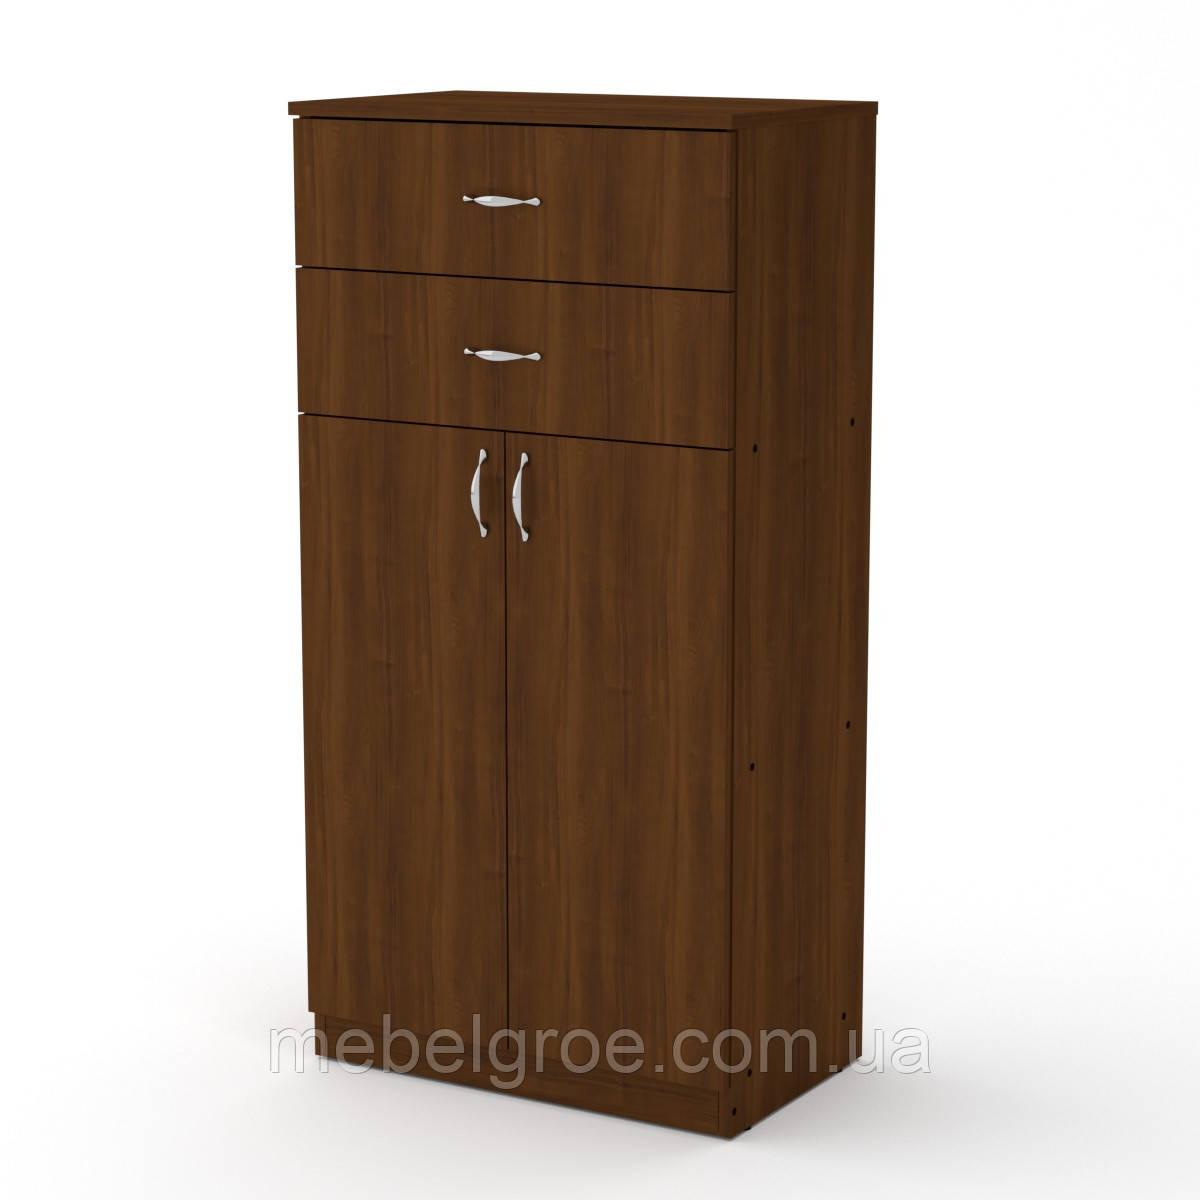 Шкаф книжный КШ 14 тм Компанит